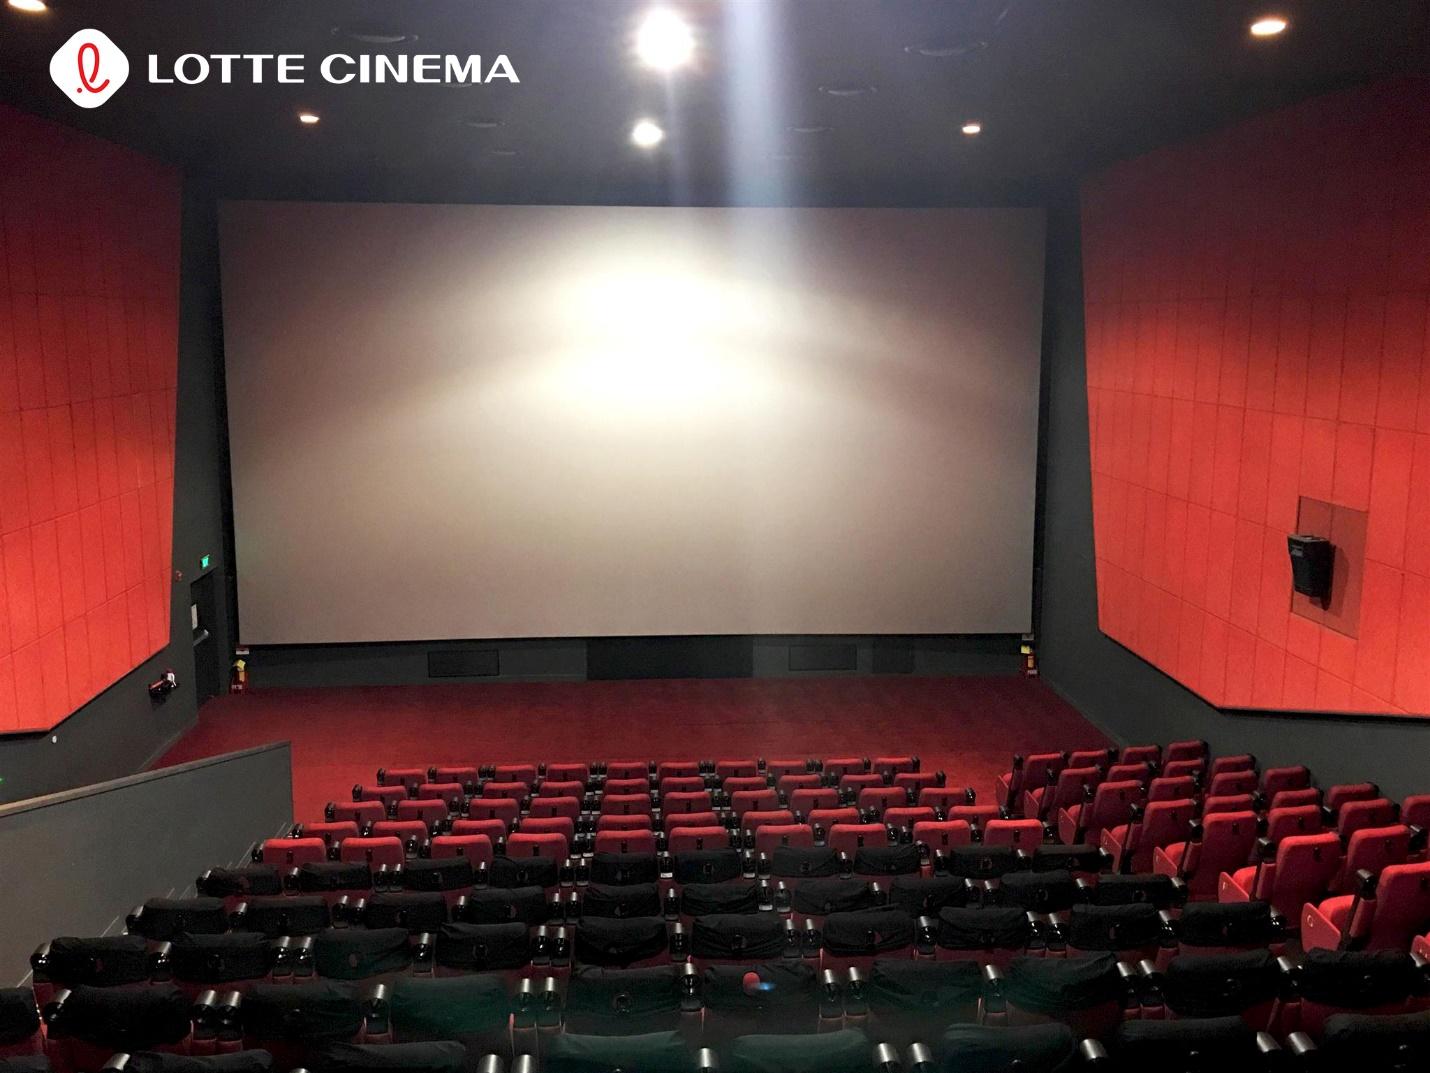 Khai trương cụm rạp Lotte Cinema Nha Trang với ưu đãi mua 1 tặng 1 - Ảnh 2.